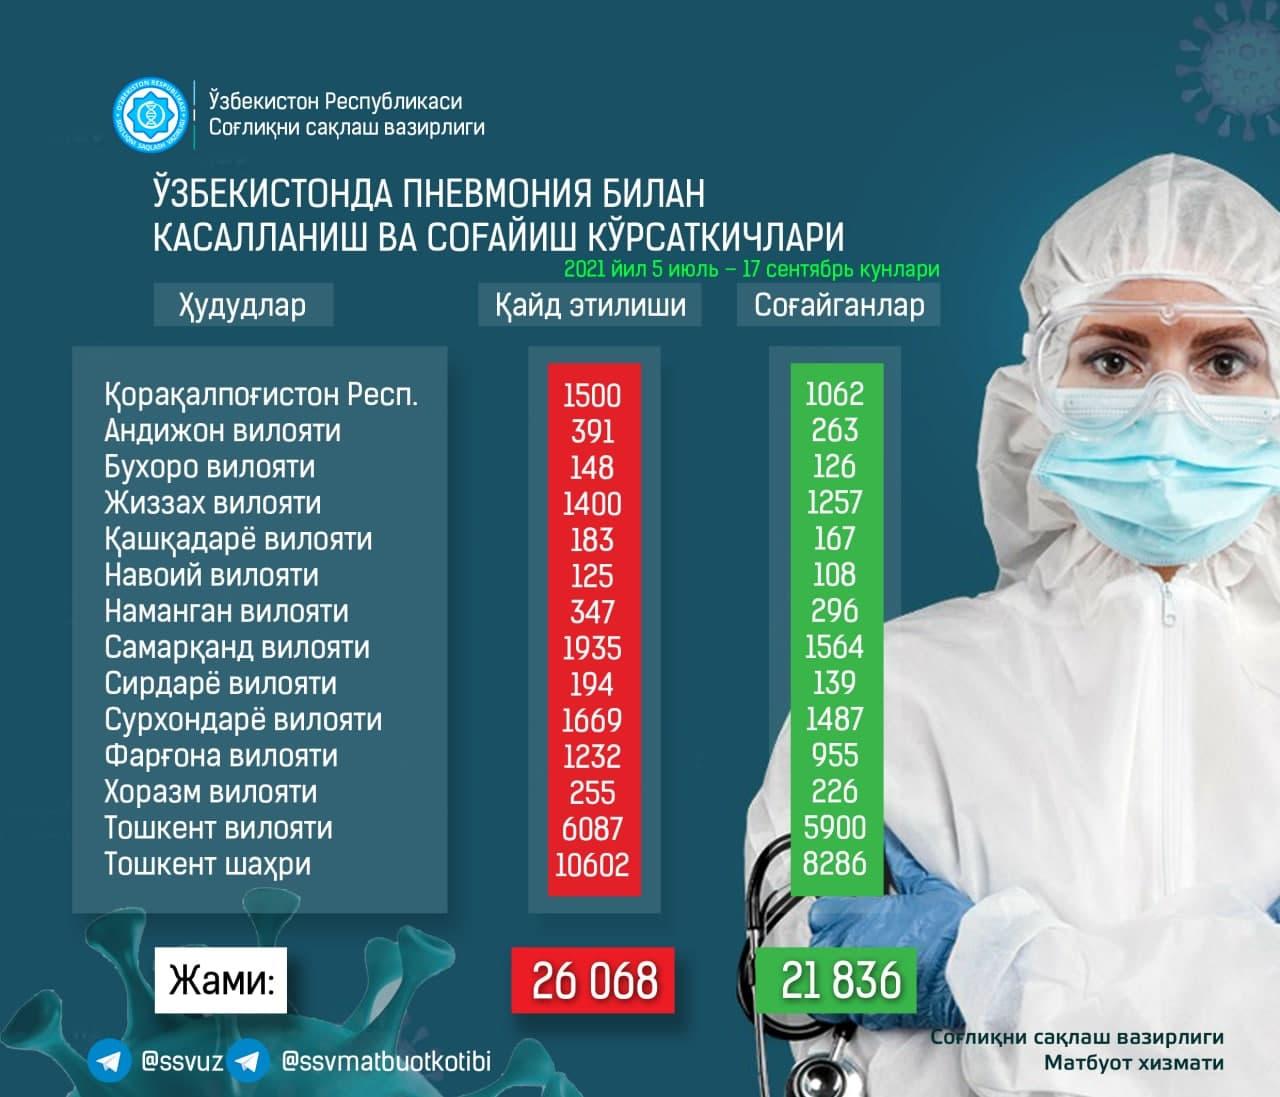 Минздрав опубликовал статистику заболевших пневмонией